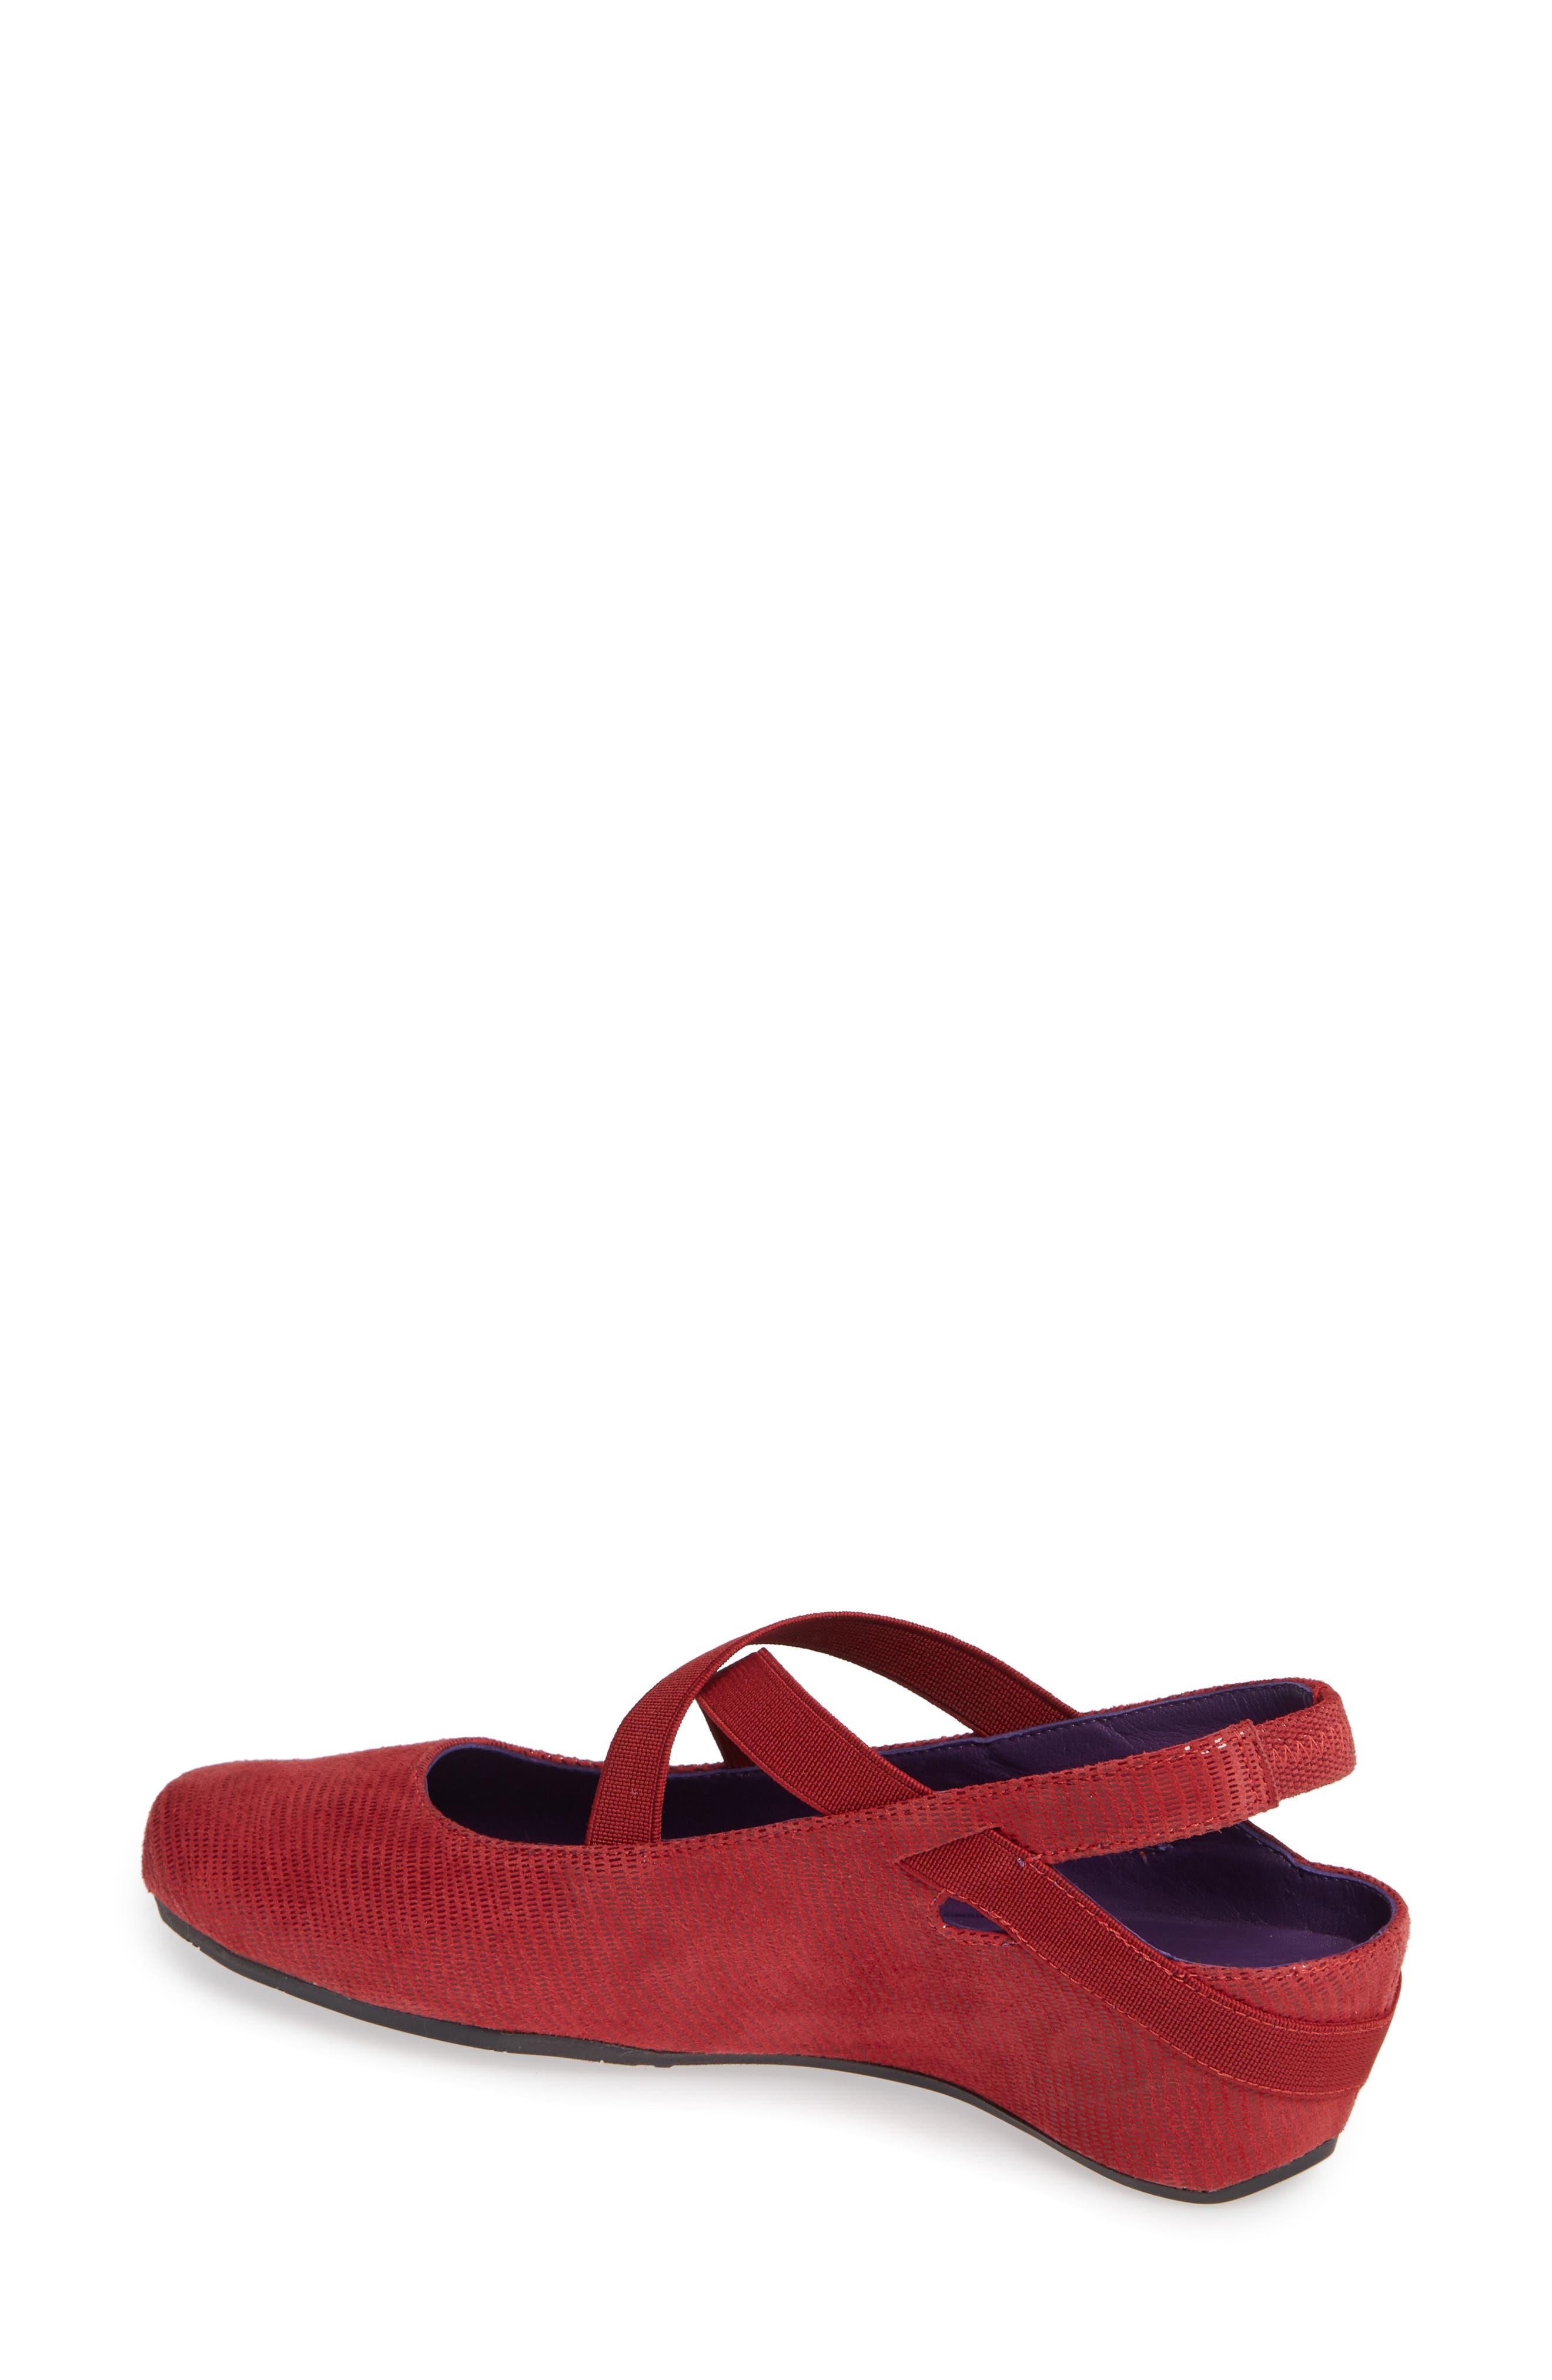 133d1c02f96 Women s Vaneli Shoes